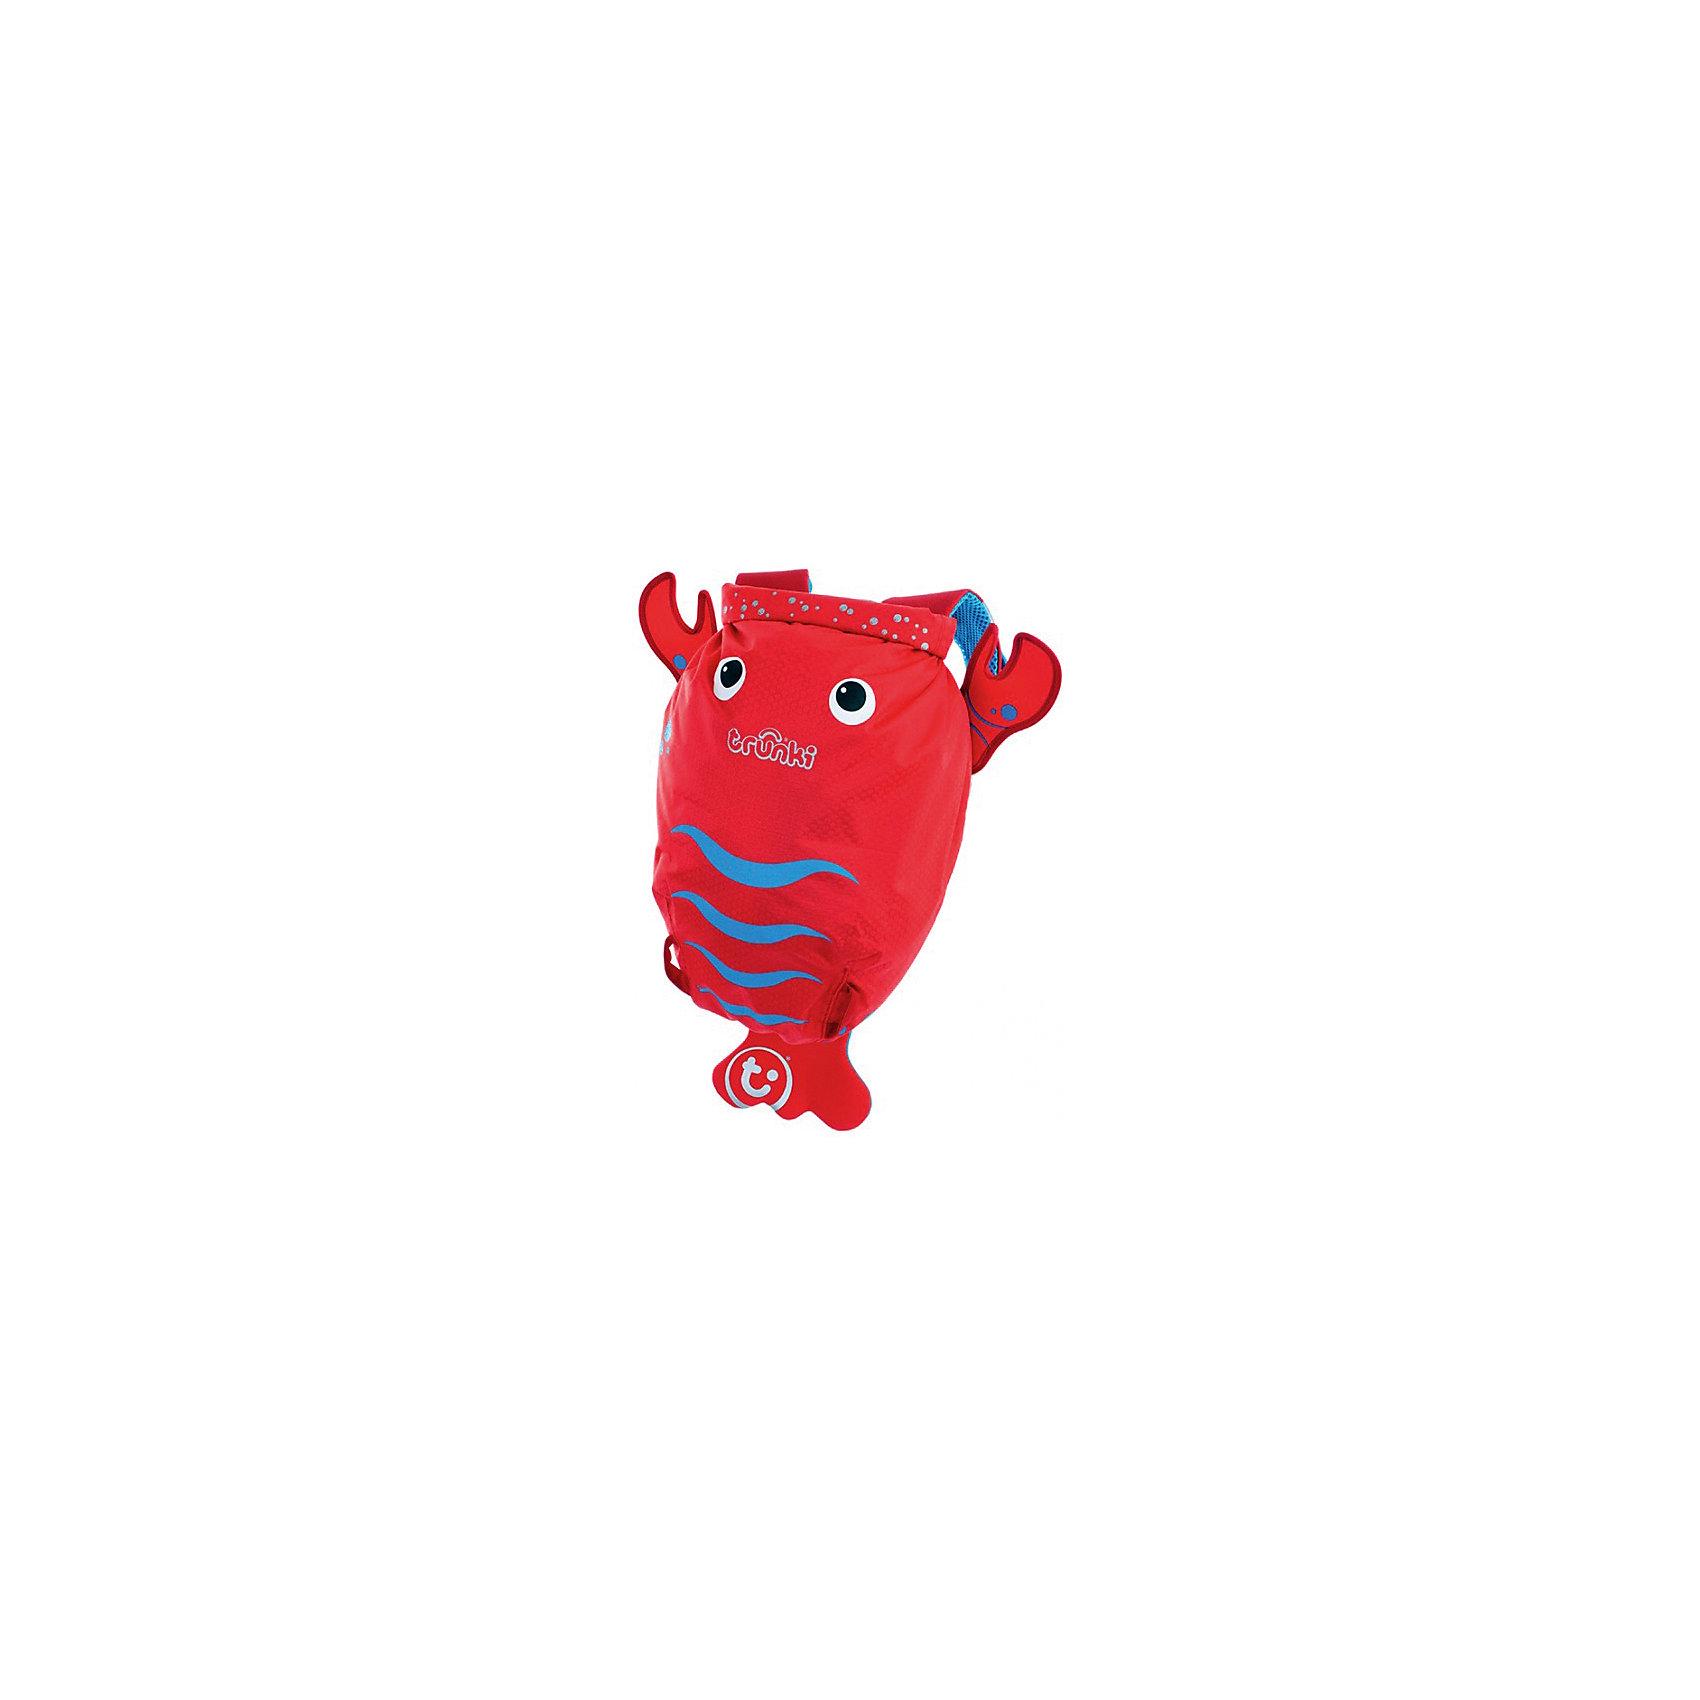 Рюкзак для бассейна и пляжа ЛобстерДорожные сумки и чемоданы<br>Красочный стильный рюкзак для бассейна и пляжа Лобстер от мирового производителя детских чемоданов и дорожный аксессуаров Транки (Trunki) - отличный подарок для маленьких путешественников!<br>Рюкзак выполнен в виде ярко-красного лобстера с хвостиком и клешнями. Материал, из которого сделан рюкзак, водоотталкивающий, а это значит, что малышу не придется волноваться за то, что его вещи и любимые игрушки могут промокнуть. <br><br>Рюкзак для бассейна и пляжа оснащен специальным креплением Trunki, с помощью которого к рюкзаку можно подвесить детские солнцезащитные очки. Рюкзак имеет светоотражающую отделку, а также карман в виде плавника, куда можно положить различные мелочи.  <br>Рюкзак Trunki – незаменимый аксессуар для мальчиков и девочек и прекрасный подарок для походов в бассейн или на пляж.<br><br>Дополнительная информация:<br><br>Размер рюкзака: 49,5 х 41 см.<br>Объем: 7,5 литров.<br><br>Рюкзак для бассейна и пляжа Лобстер можно купить в нашем магазине.<br><br>Ширина мм: 490<br>Глубина мм: 410<br>Высота мм: 200<br>Вес г: 200<br>Возраст от месяцев: 36<br>Возраст до месяцев: 84<br>Пол: Унисекс<br>Возраст: Детский<br>SKU: 4090983